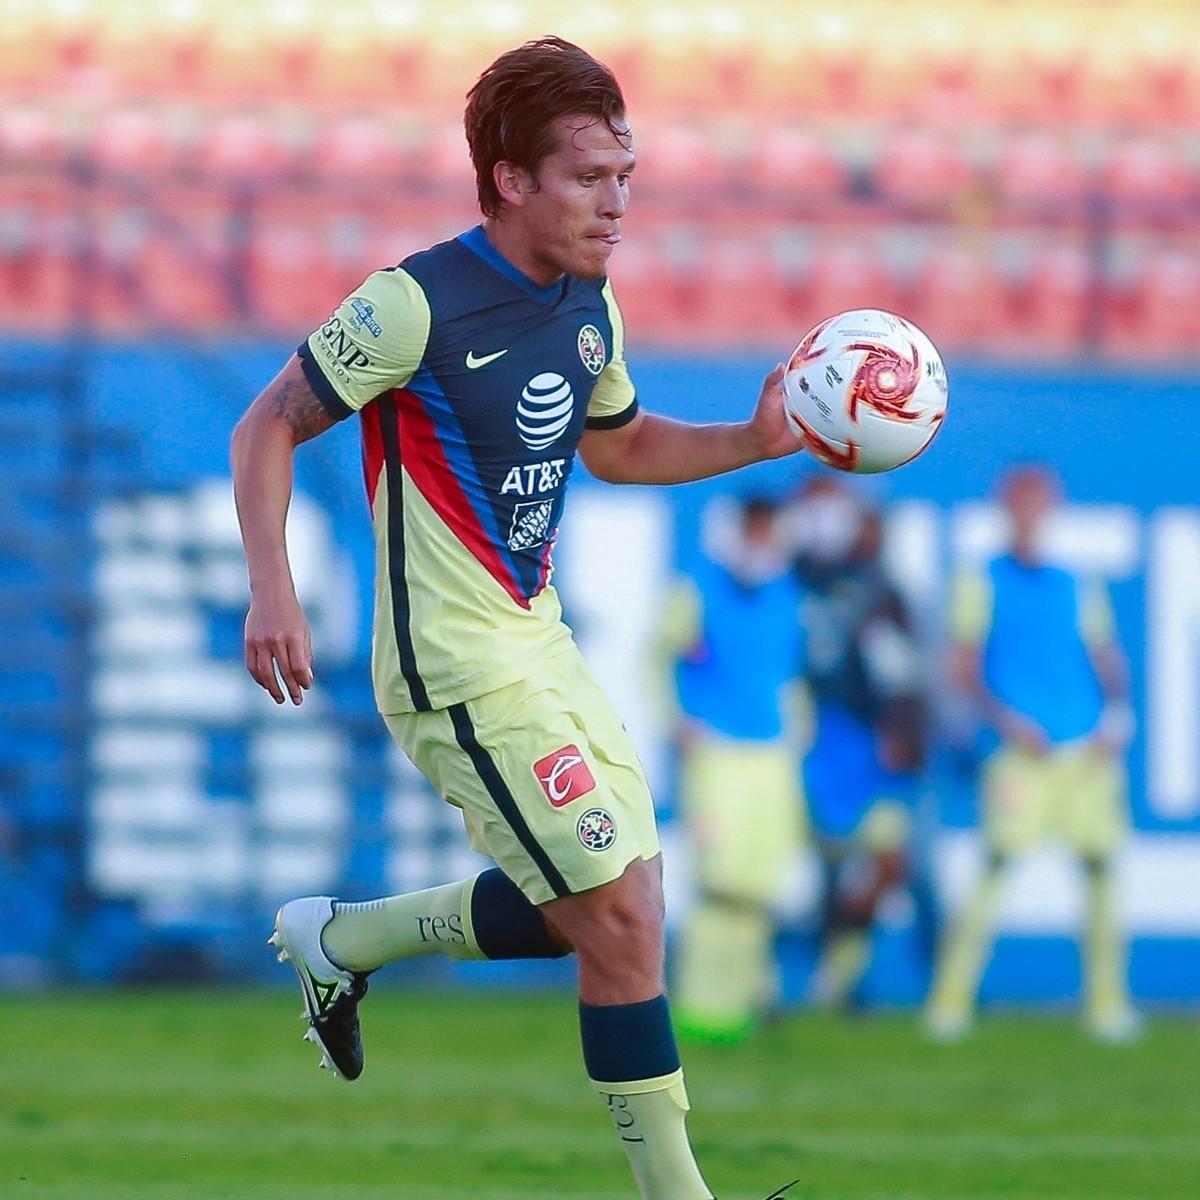 León anuncia el fichaje de Rubén González, quien llega procedente de América